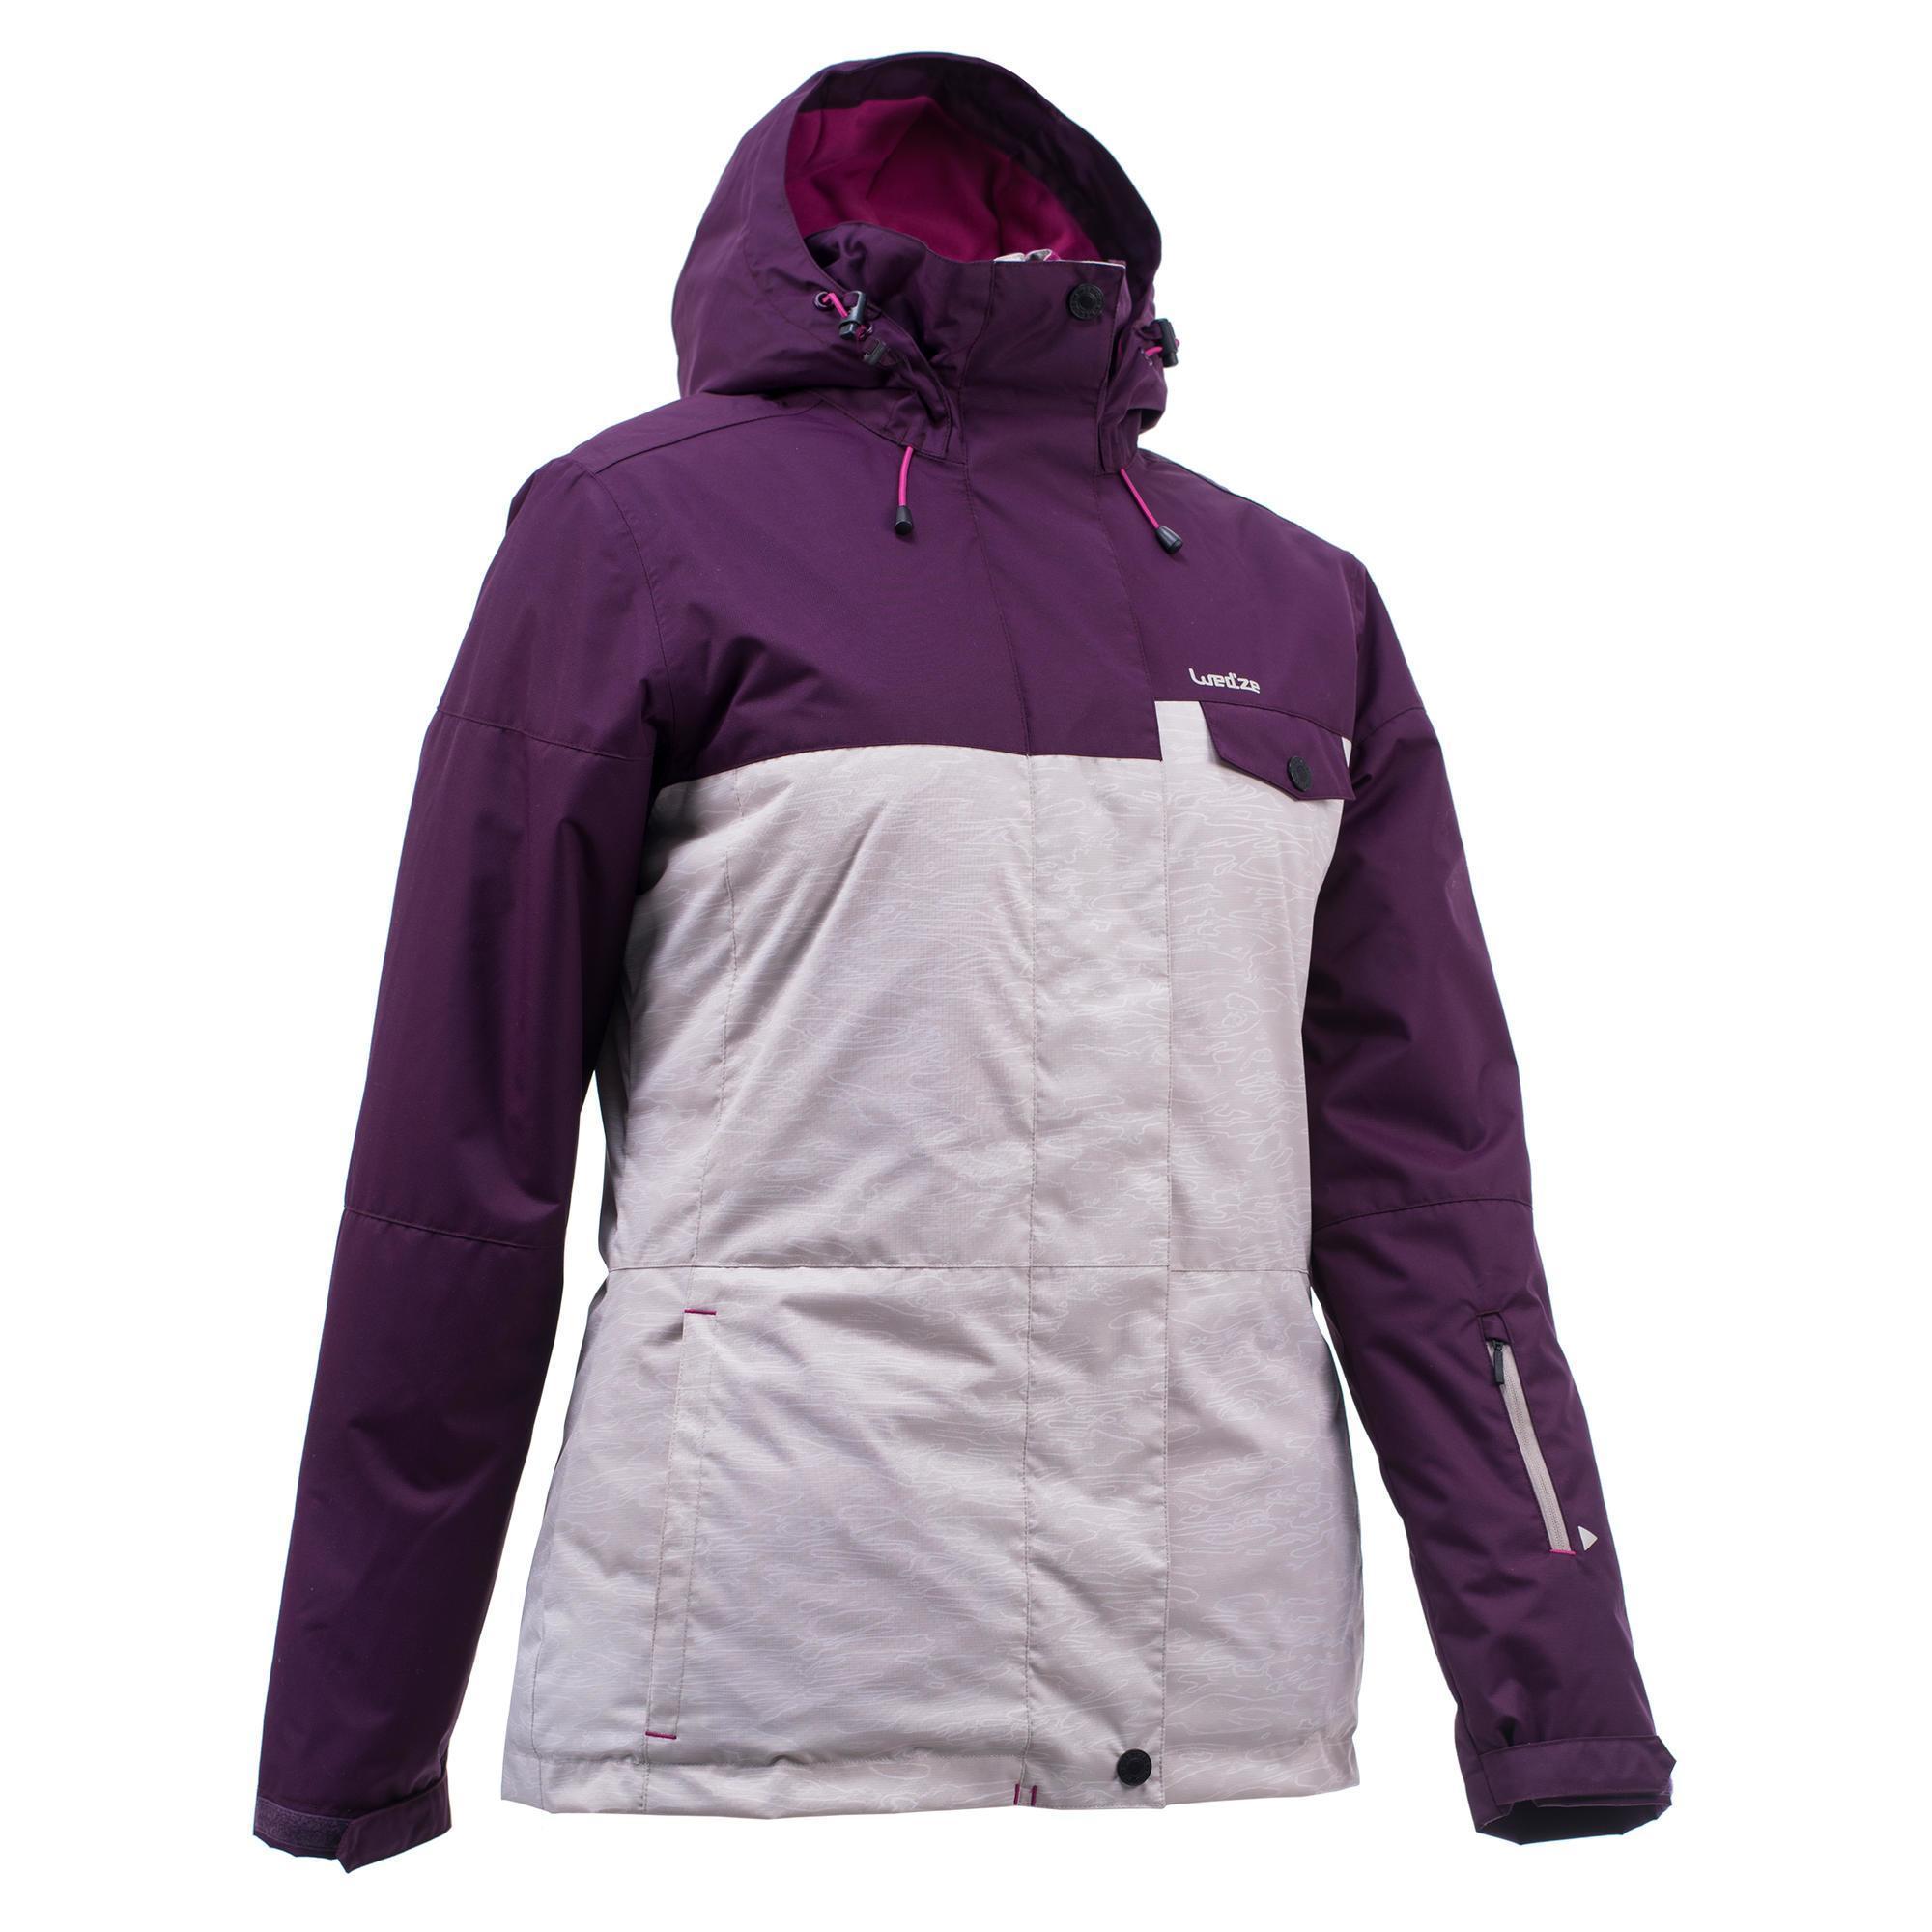 Wed'ze Ski- en snowboardjas SNB JKT 100 voor dames beige en paars thumbnail